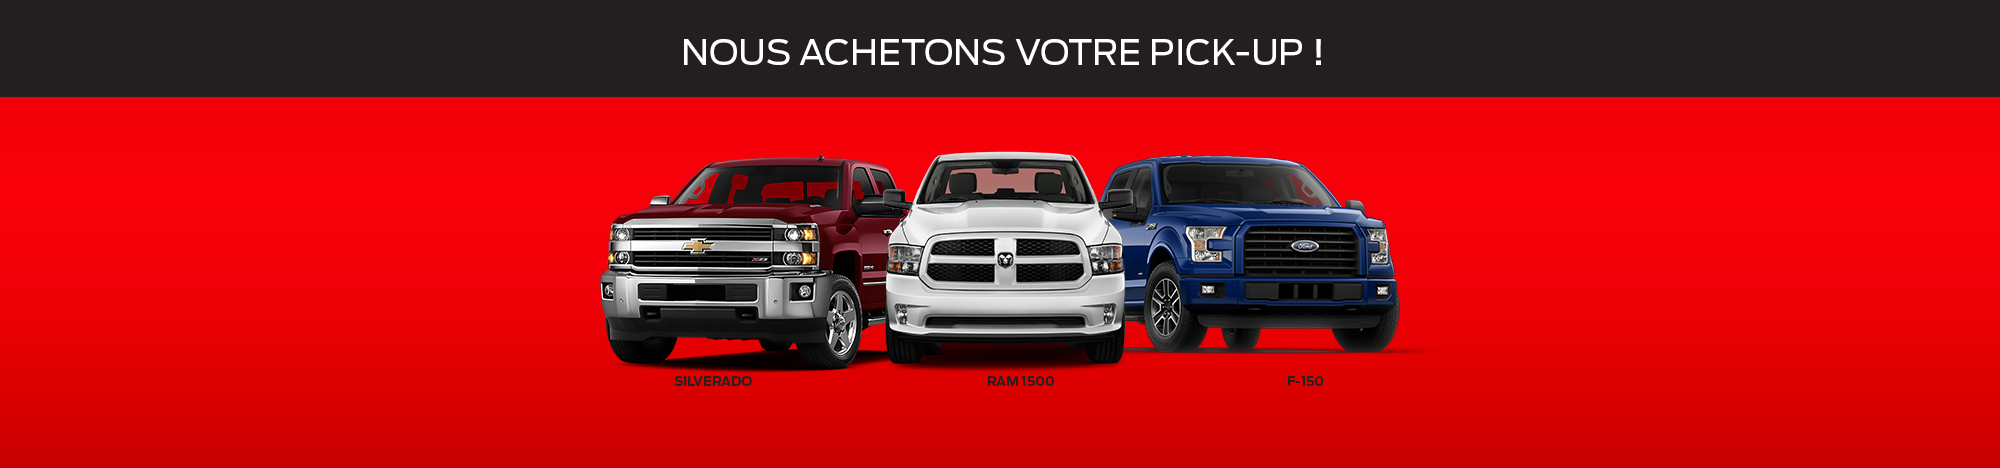 Nous achetons votre pickup !